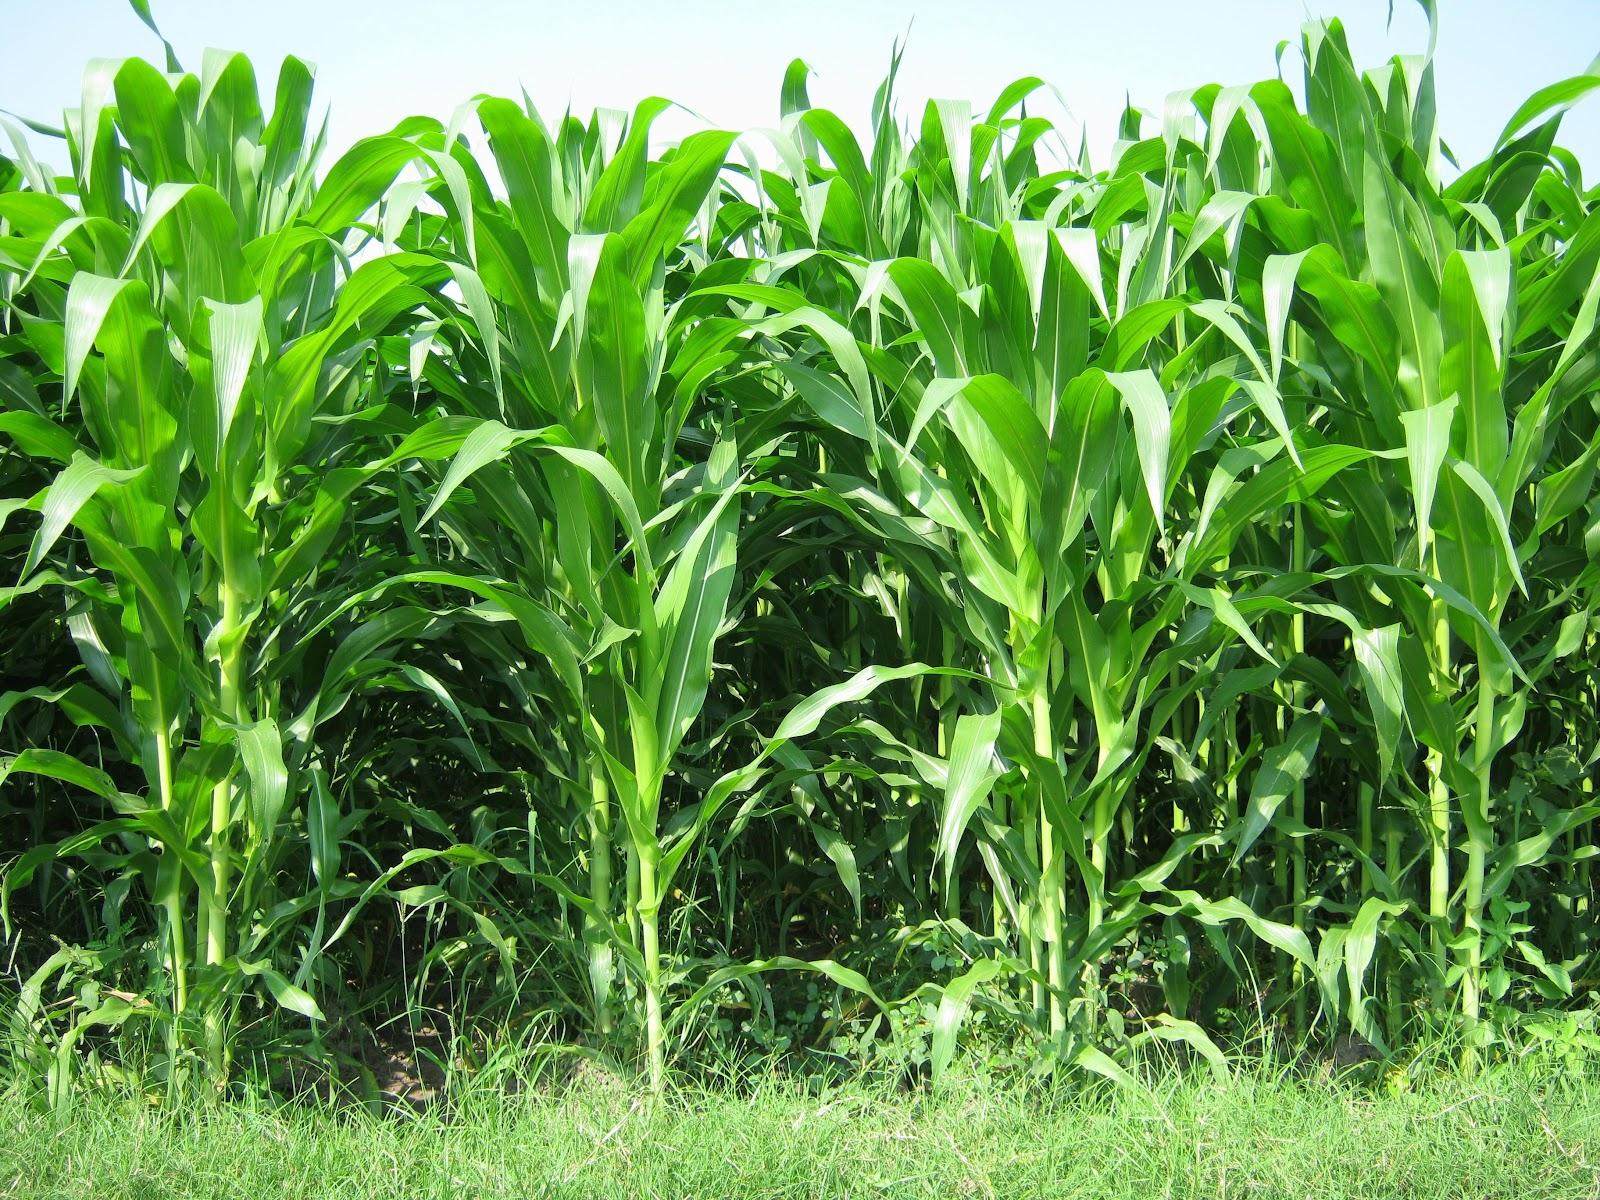 gambar jagung wallpaper lapangan vektor musim panas foto langit d u0027honestfarm update jagung